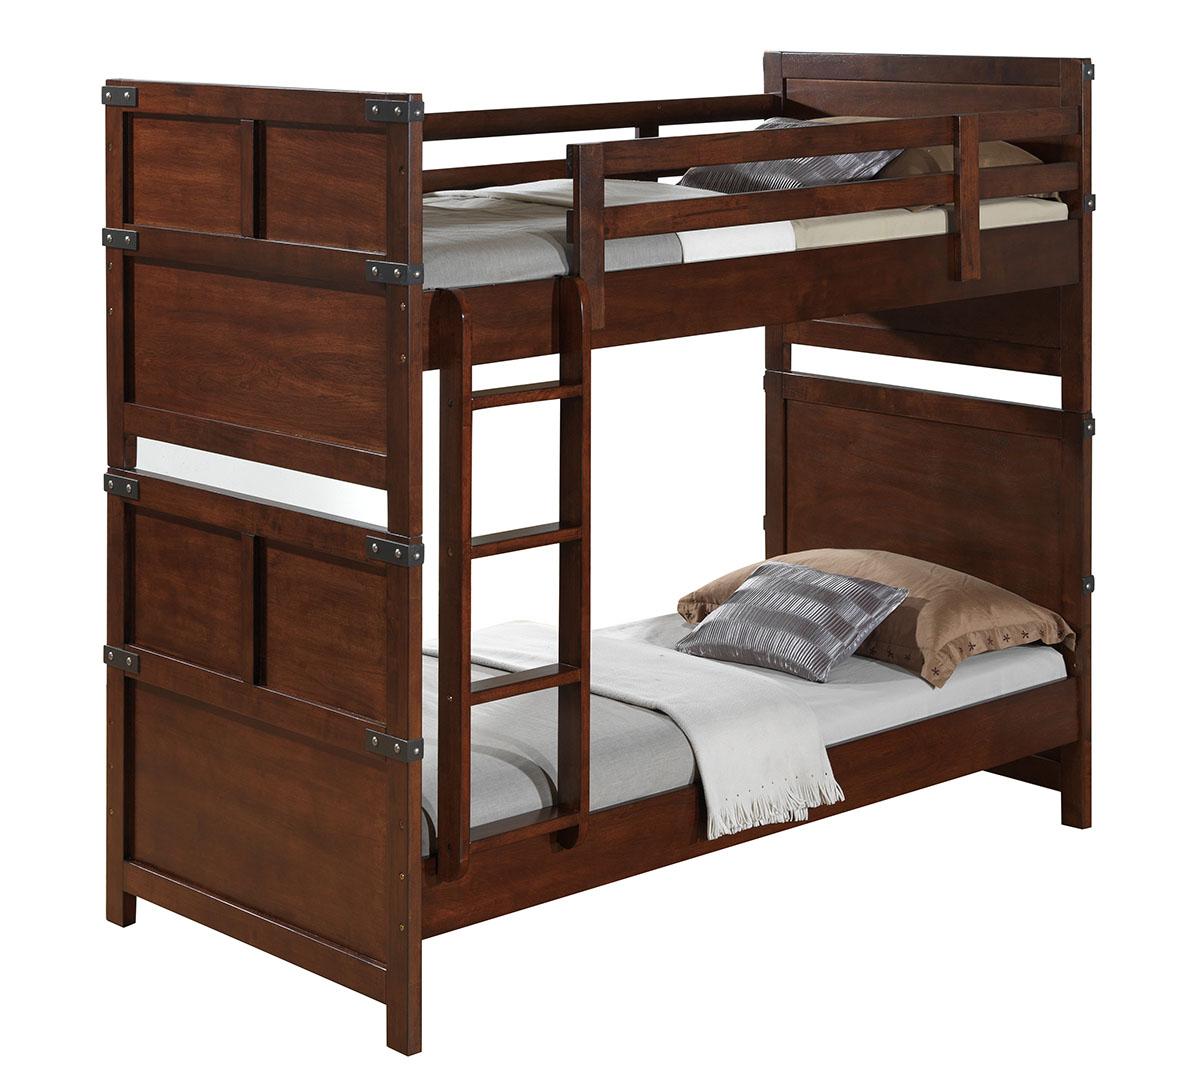 4200 Twin Twin bunk bed.jpg